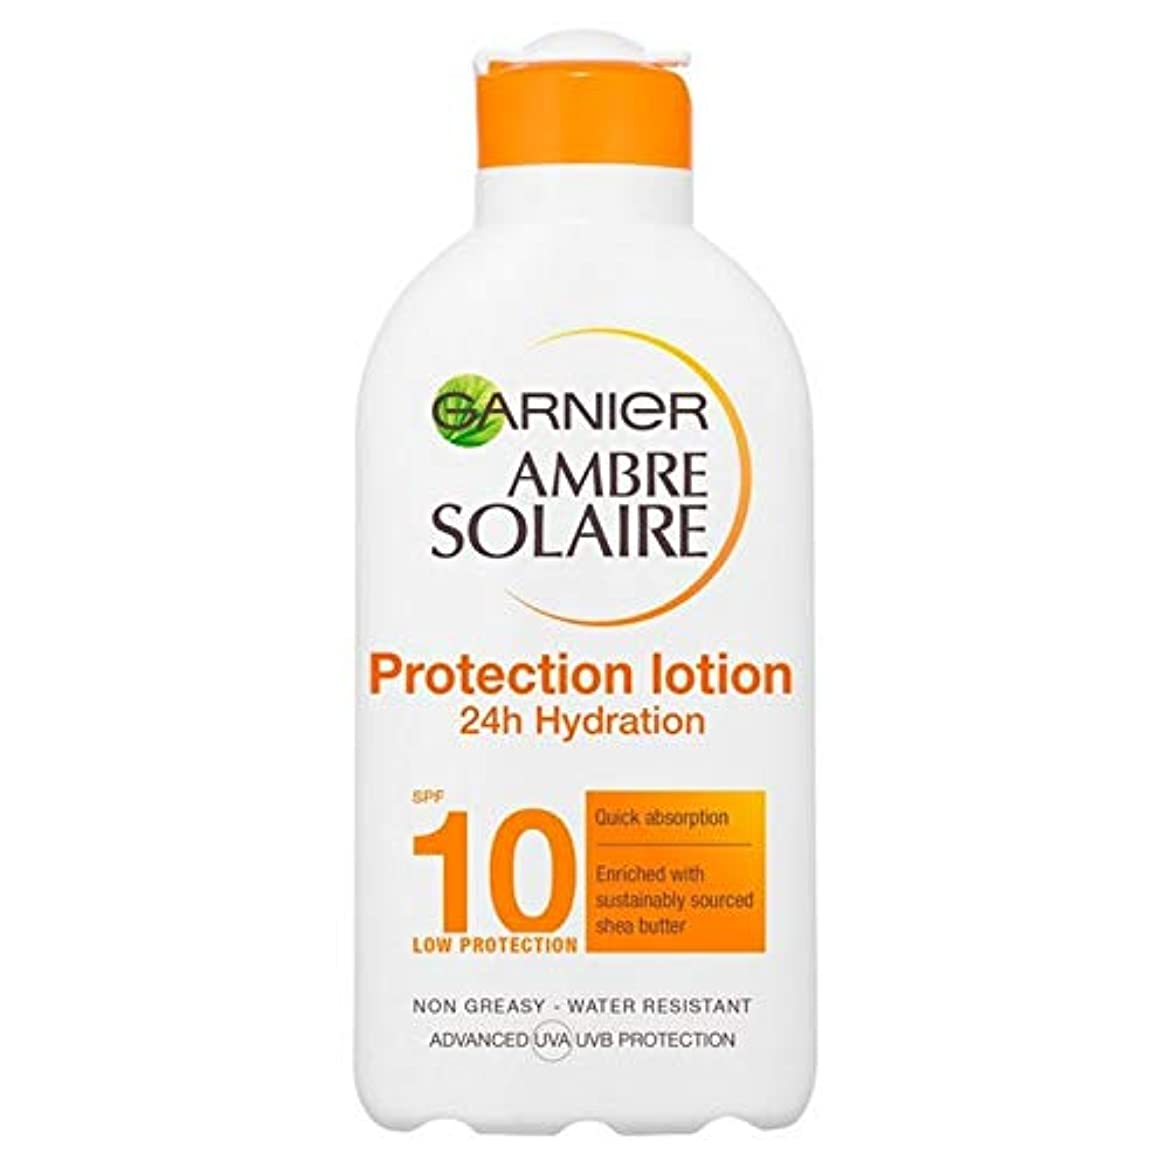 スポークスマン連結する衣服[Garnier ] アンブレSolaire超水和日クリームSpf10の200ミリリットル - Ambre Solaire Ultra-hydrating Sun Cream SPF10 200ml [並行輸入品]